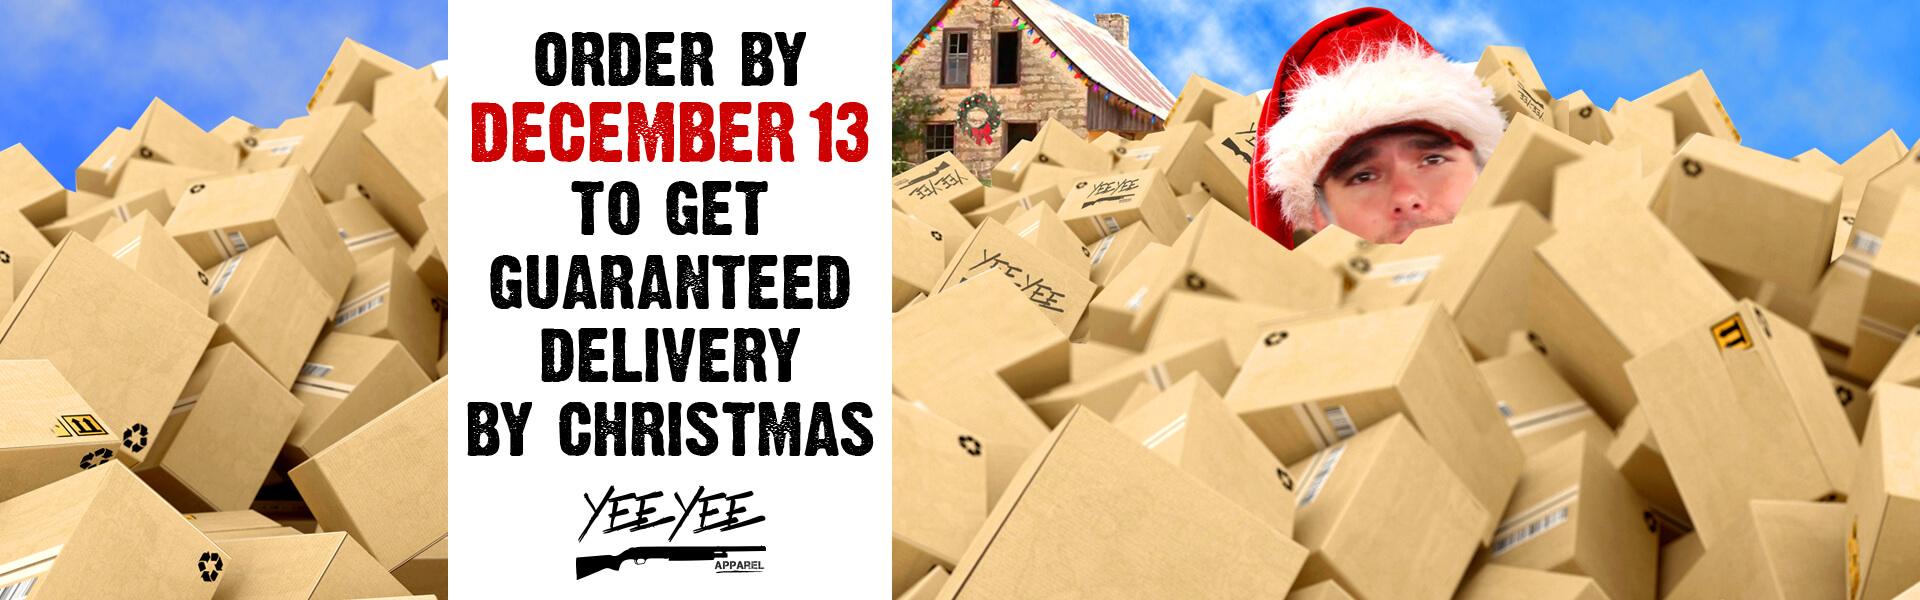 Dec. 13 delivery